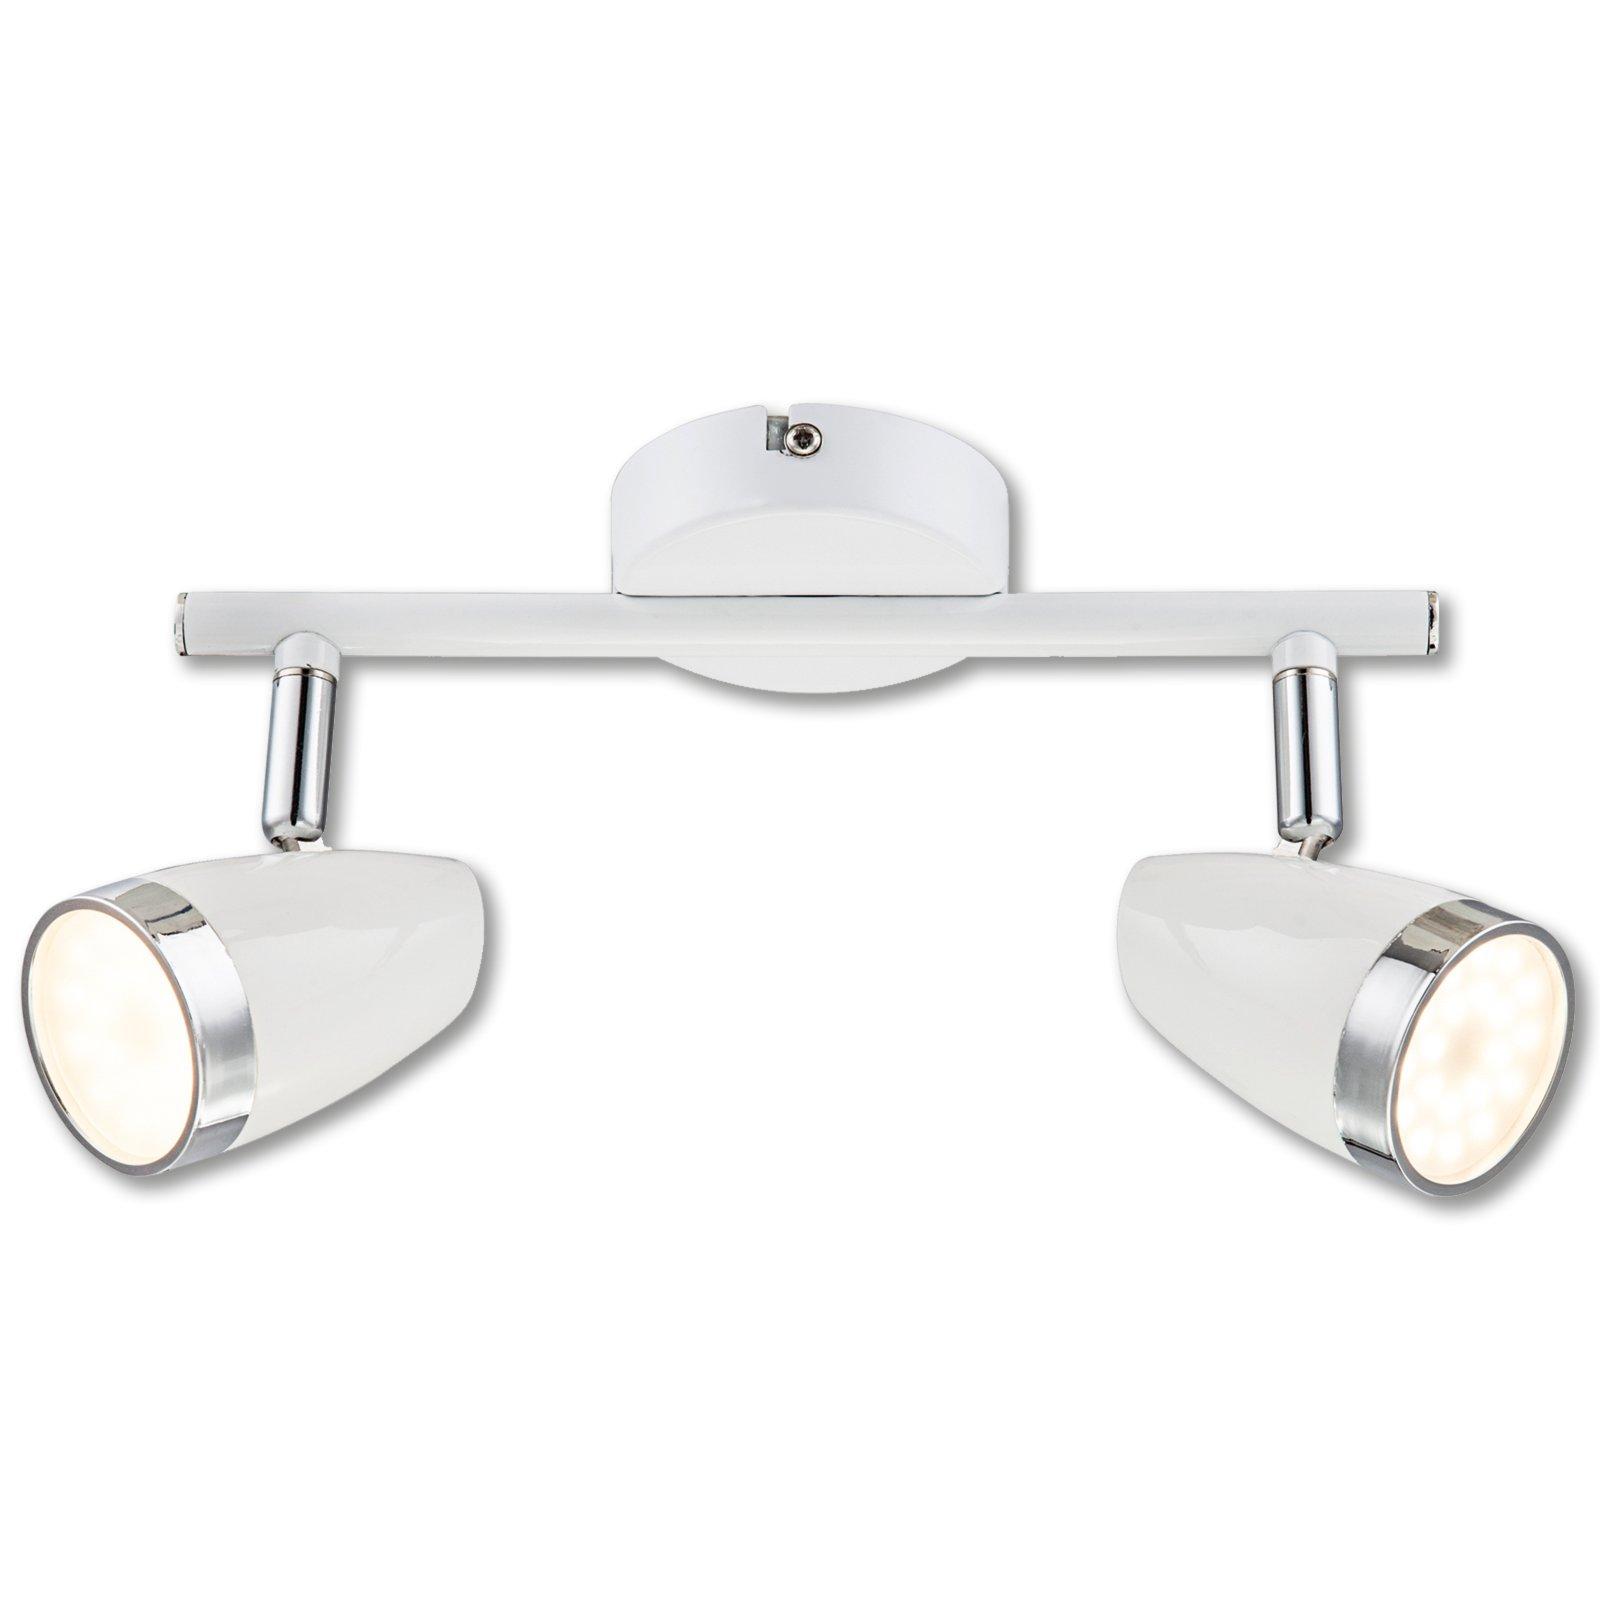 led spotschiene dana wei chrom 2 flammig led deckenleuchten deckenleuchten lampen. Black Bedroom Furniture Sets. Home Design Ideas